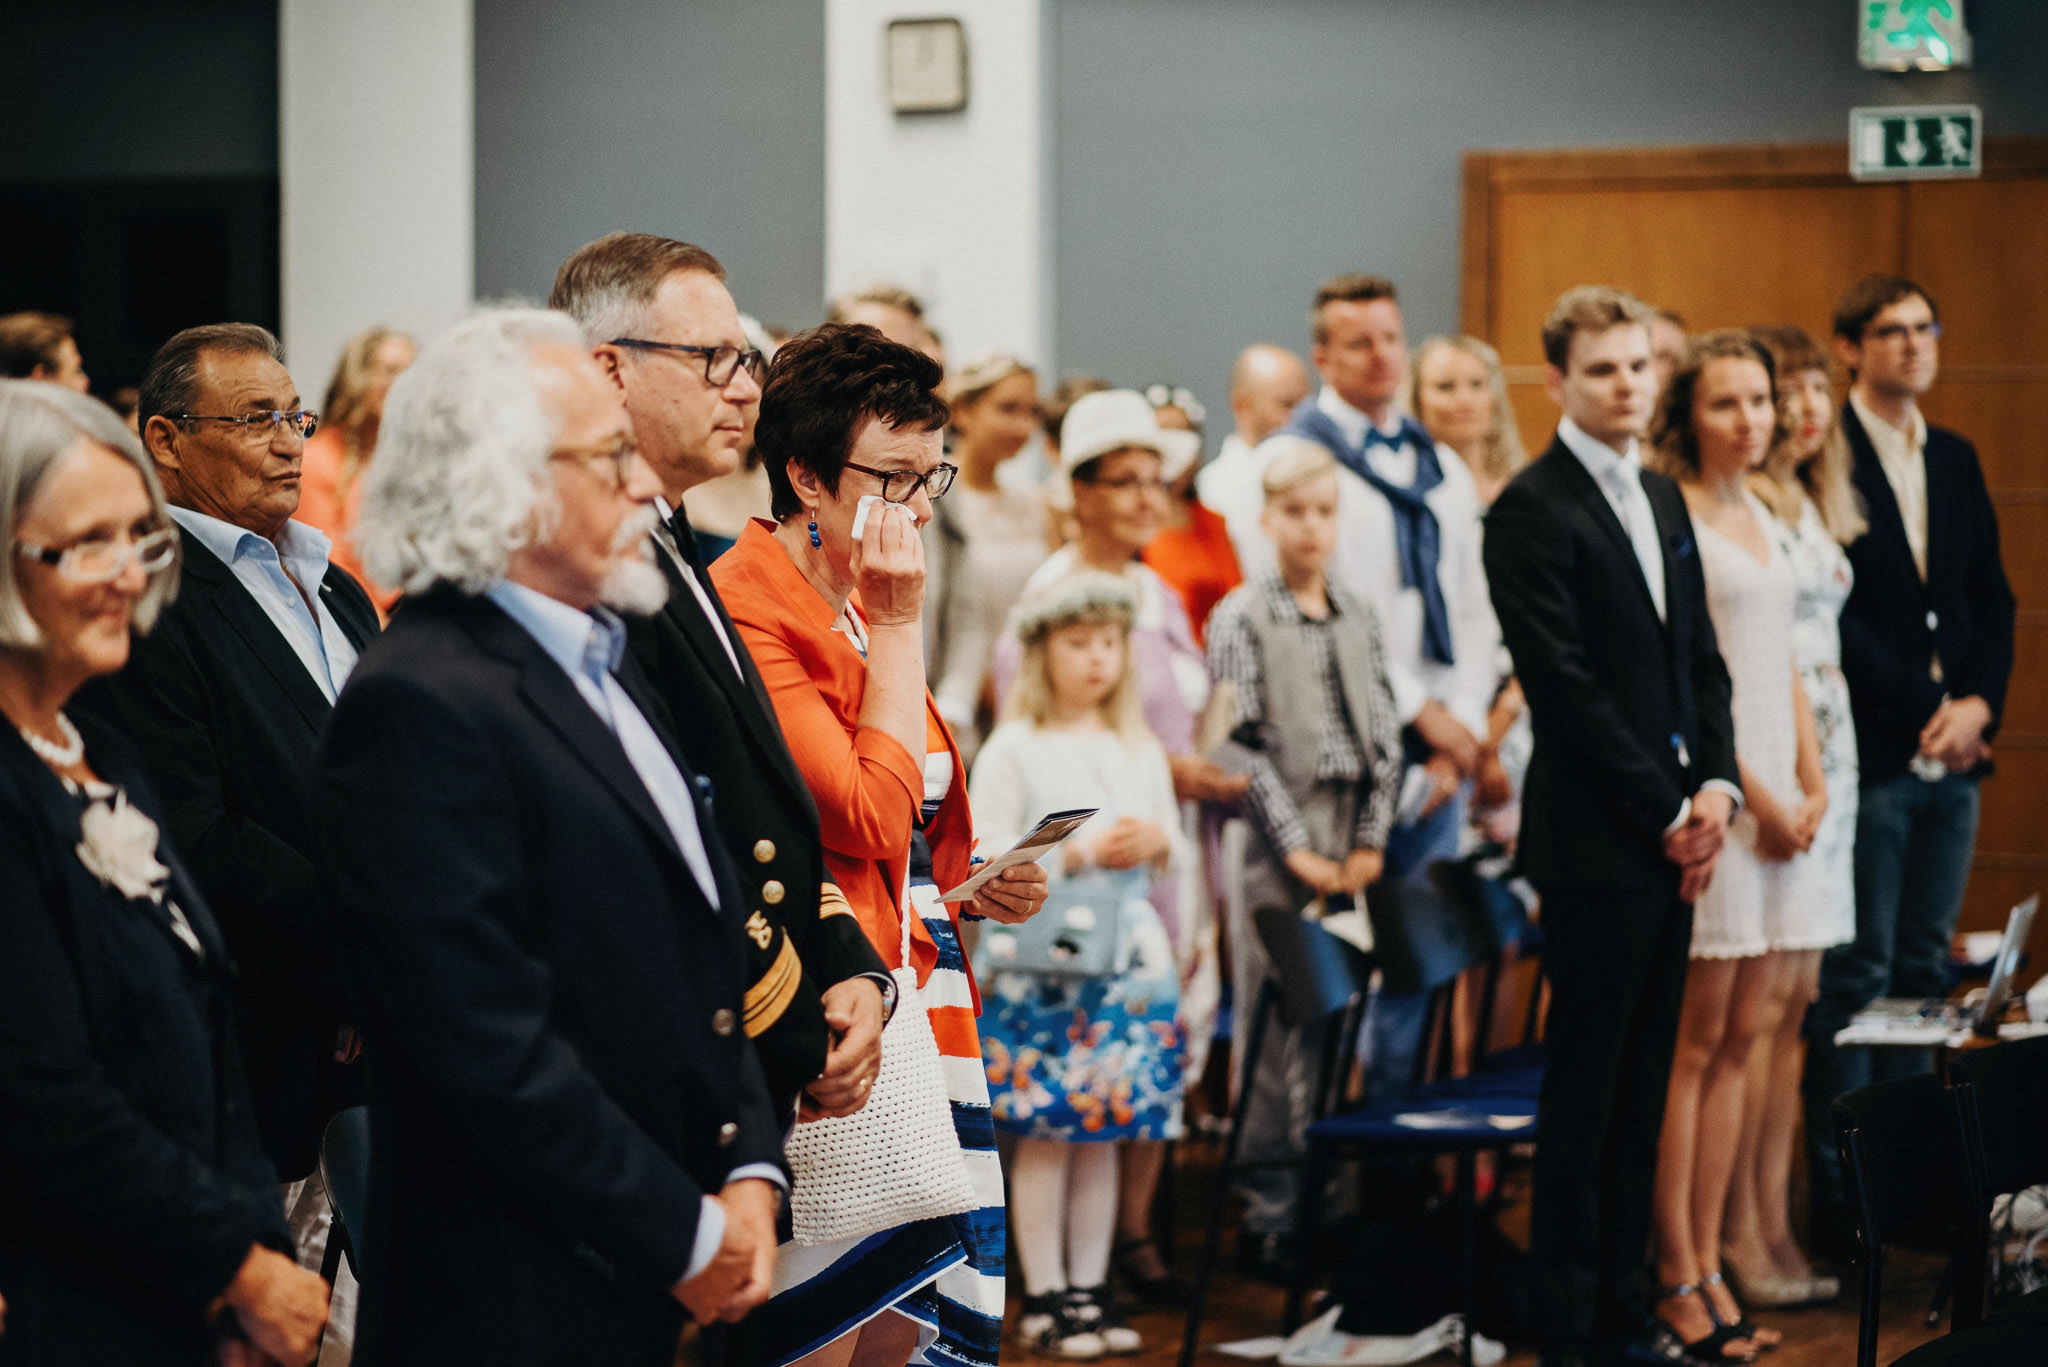 jere-satamo-ruissalo-haat-samesex-wedding-valokuvaaja-turku-009web.jpg